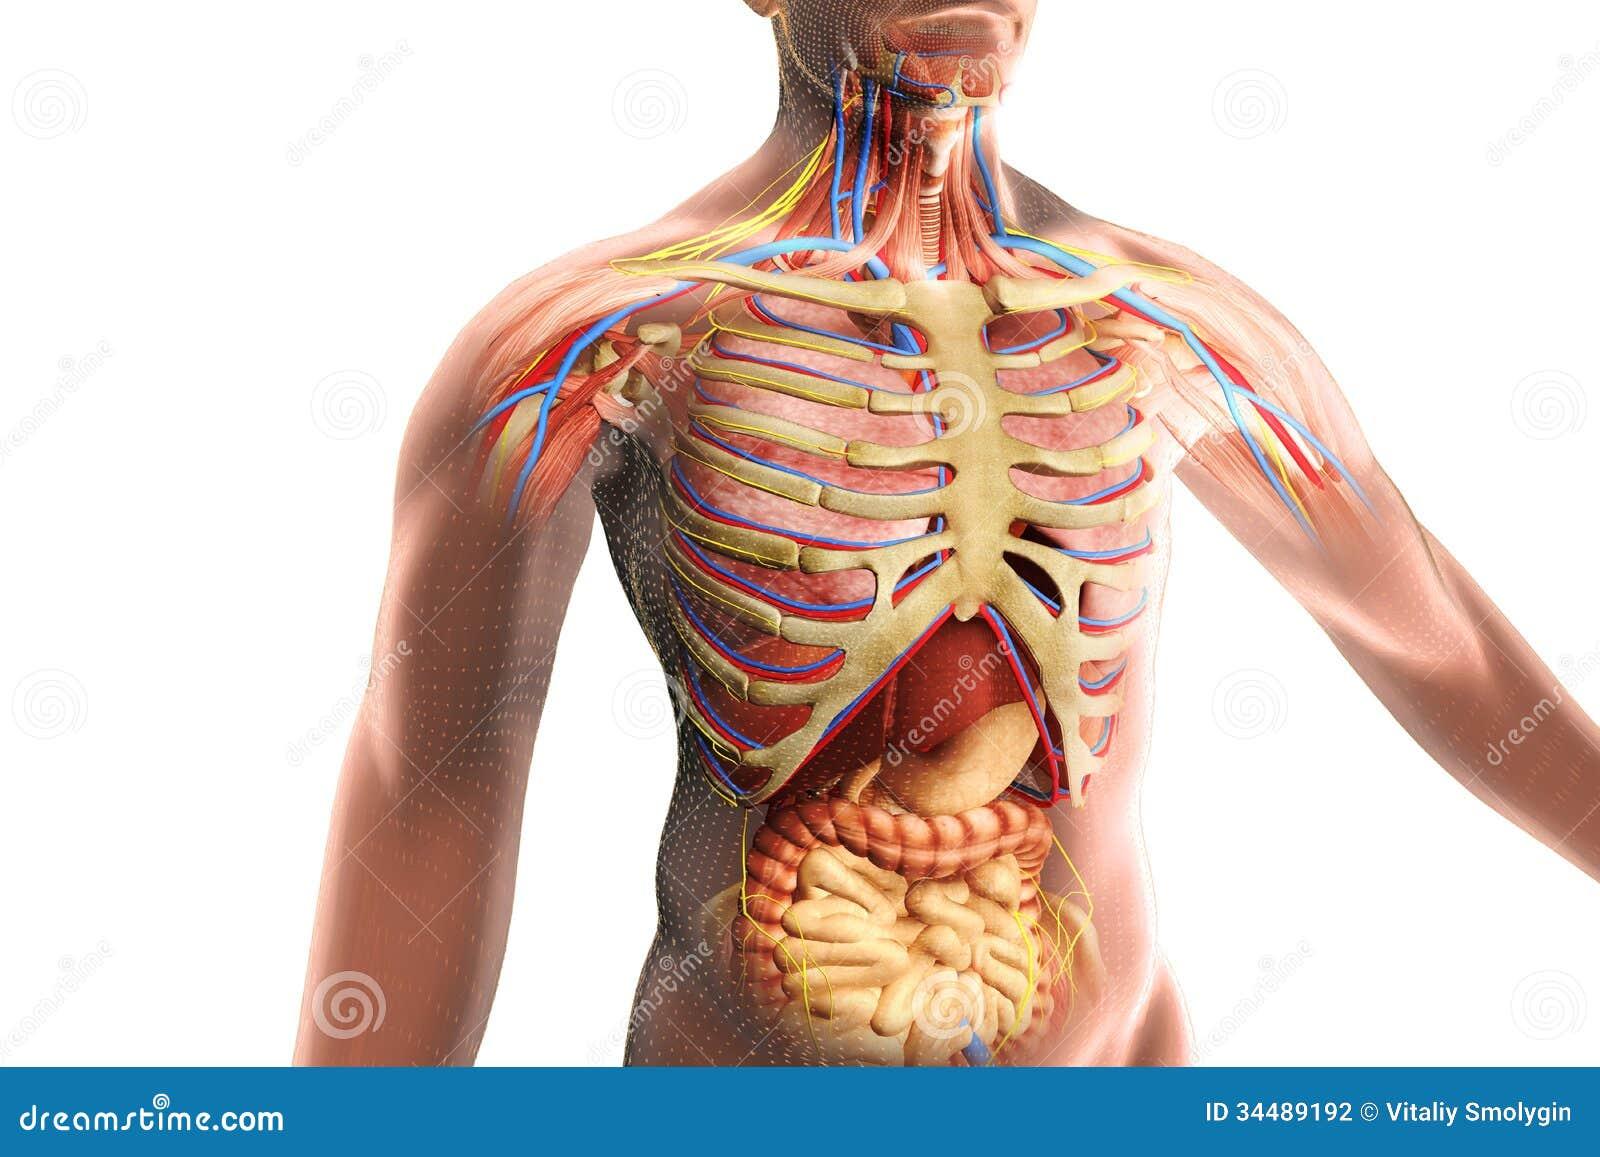 Único órganos Humanos Anatomía Galería - Anatomía de Las Imágenesdel ...